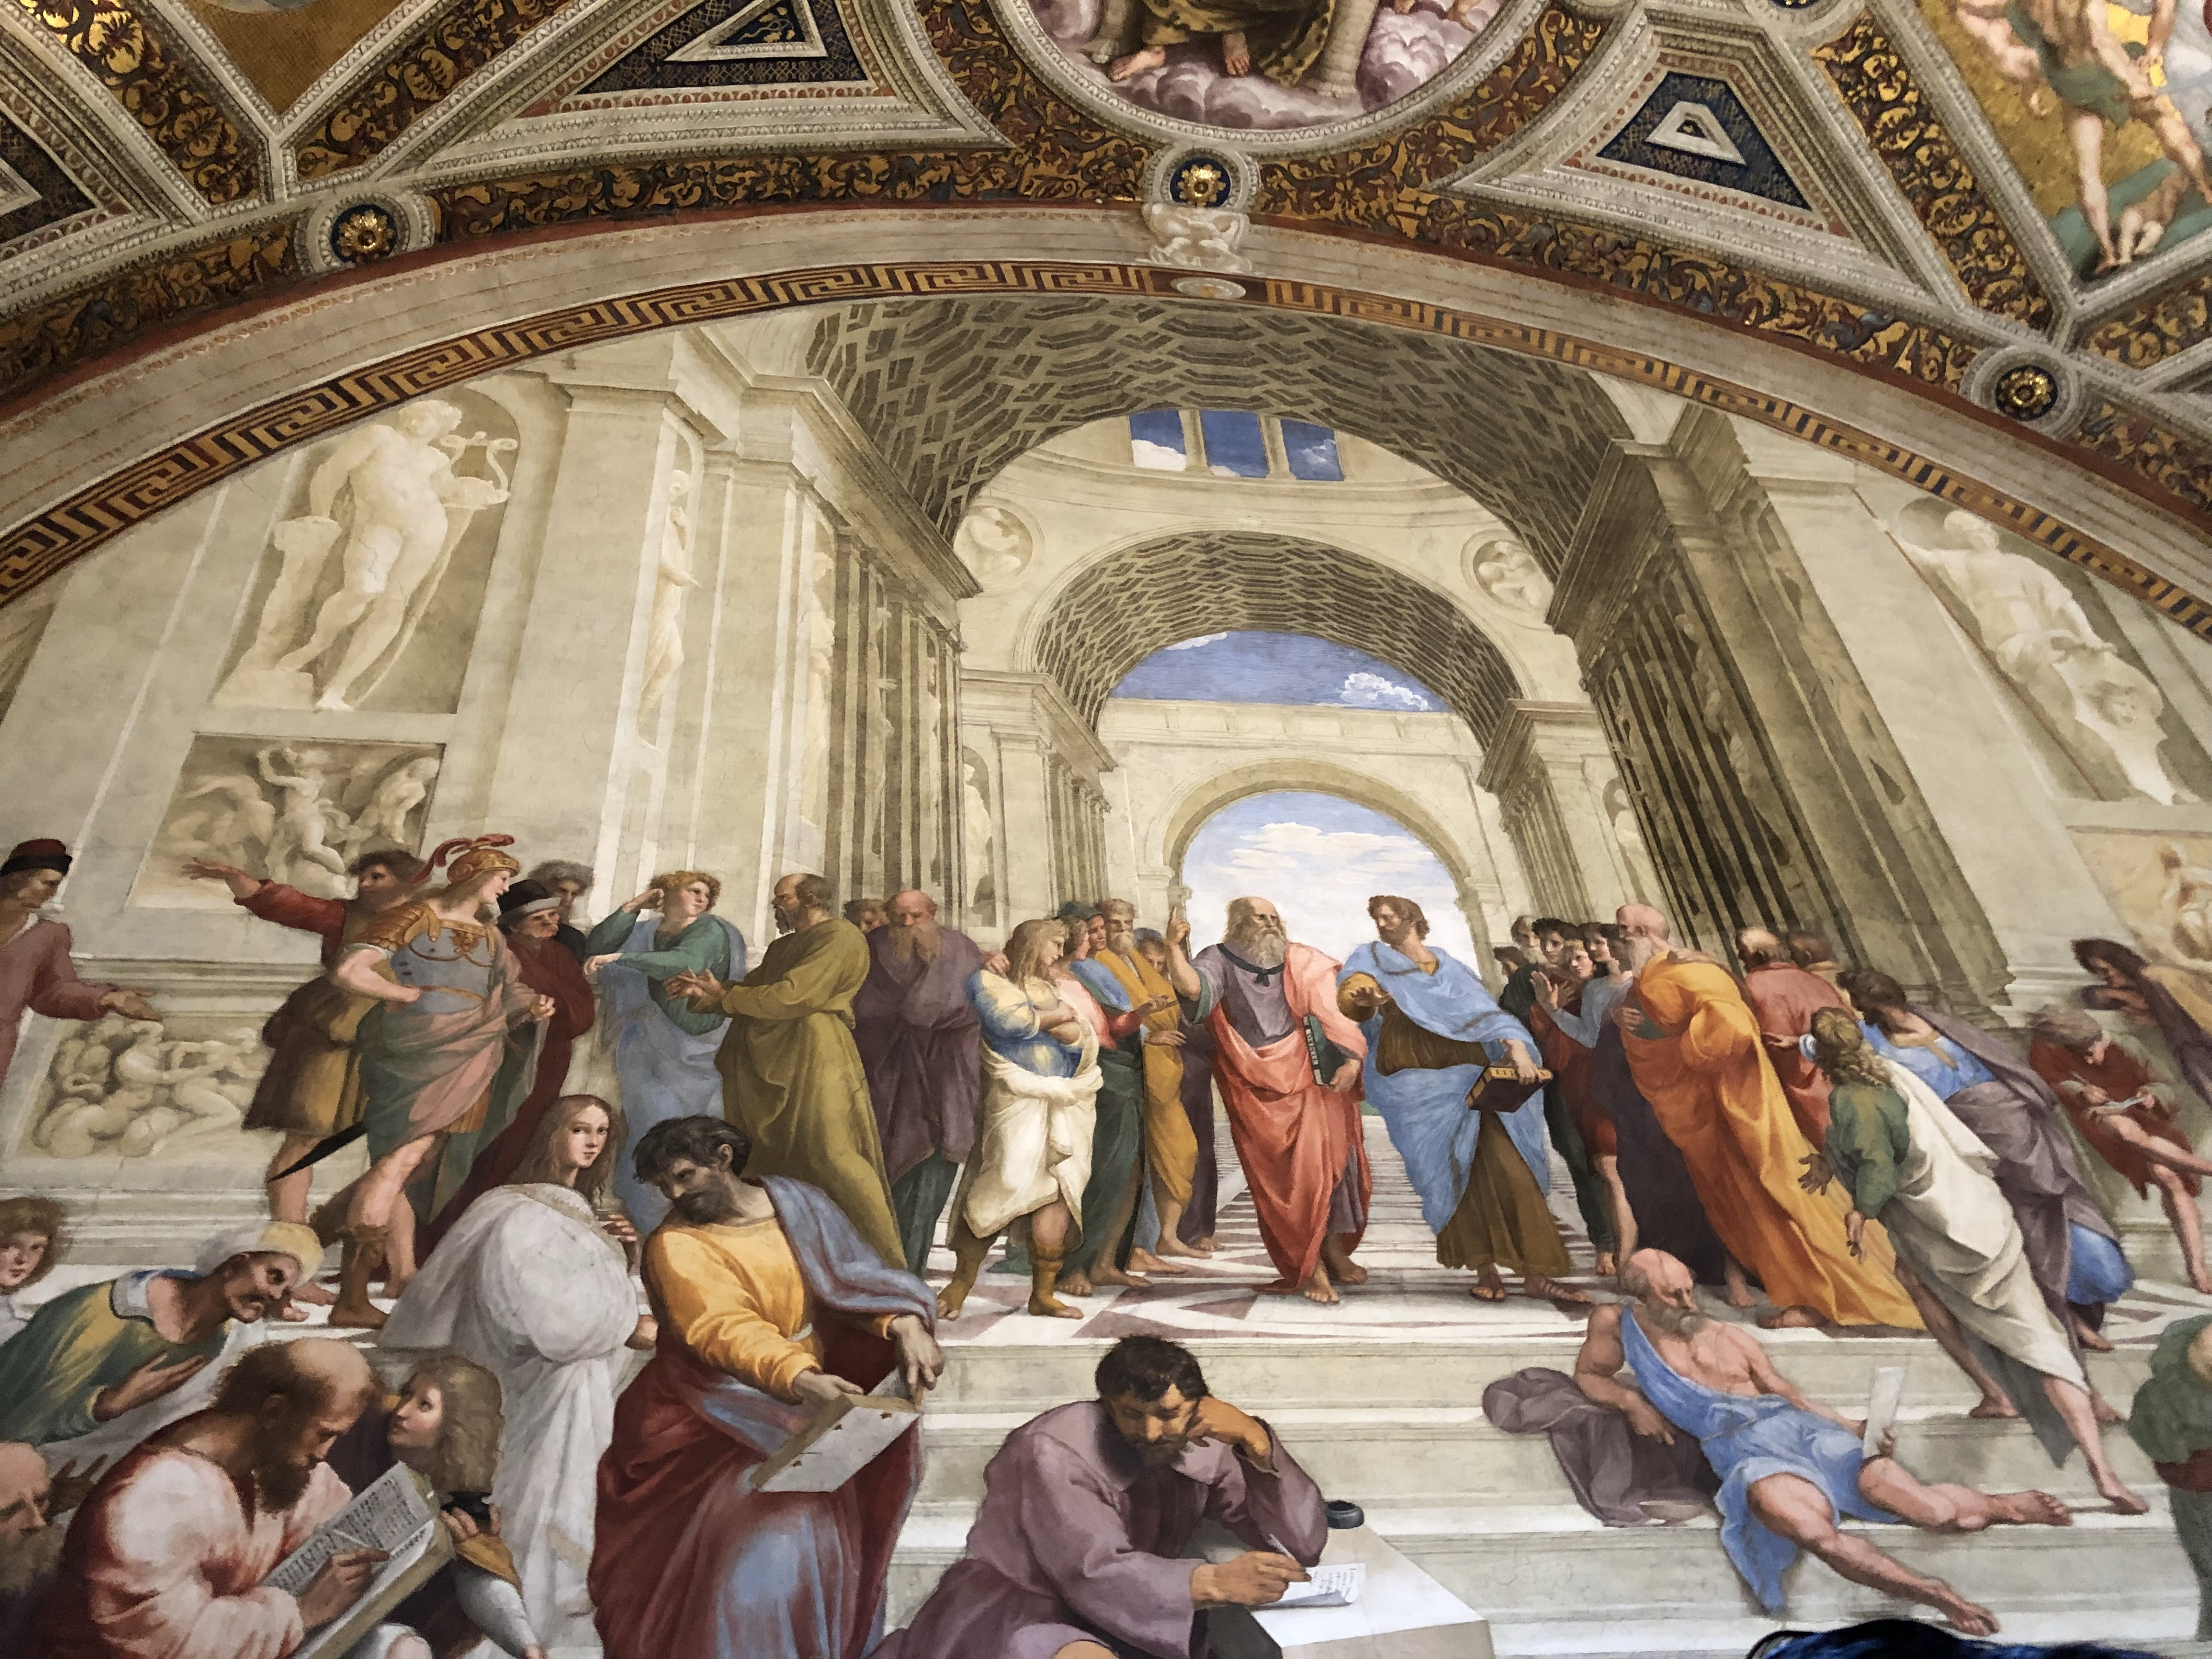 Stanze di Raffaello: scuola di Atene